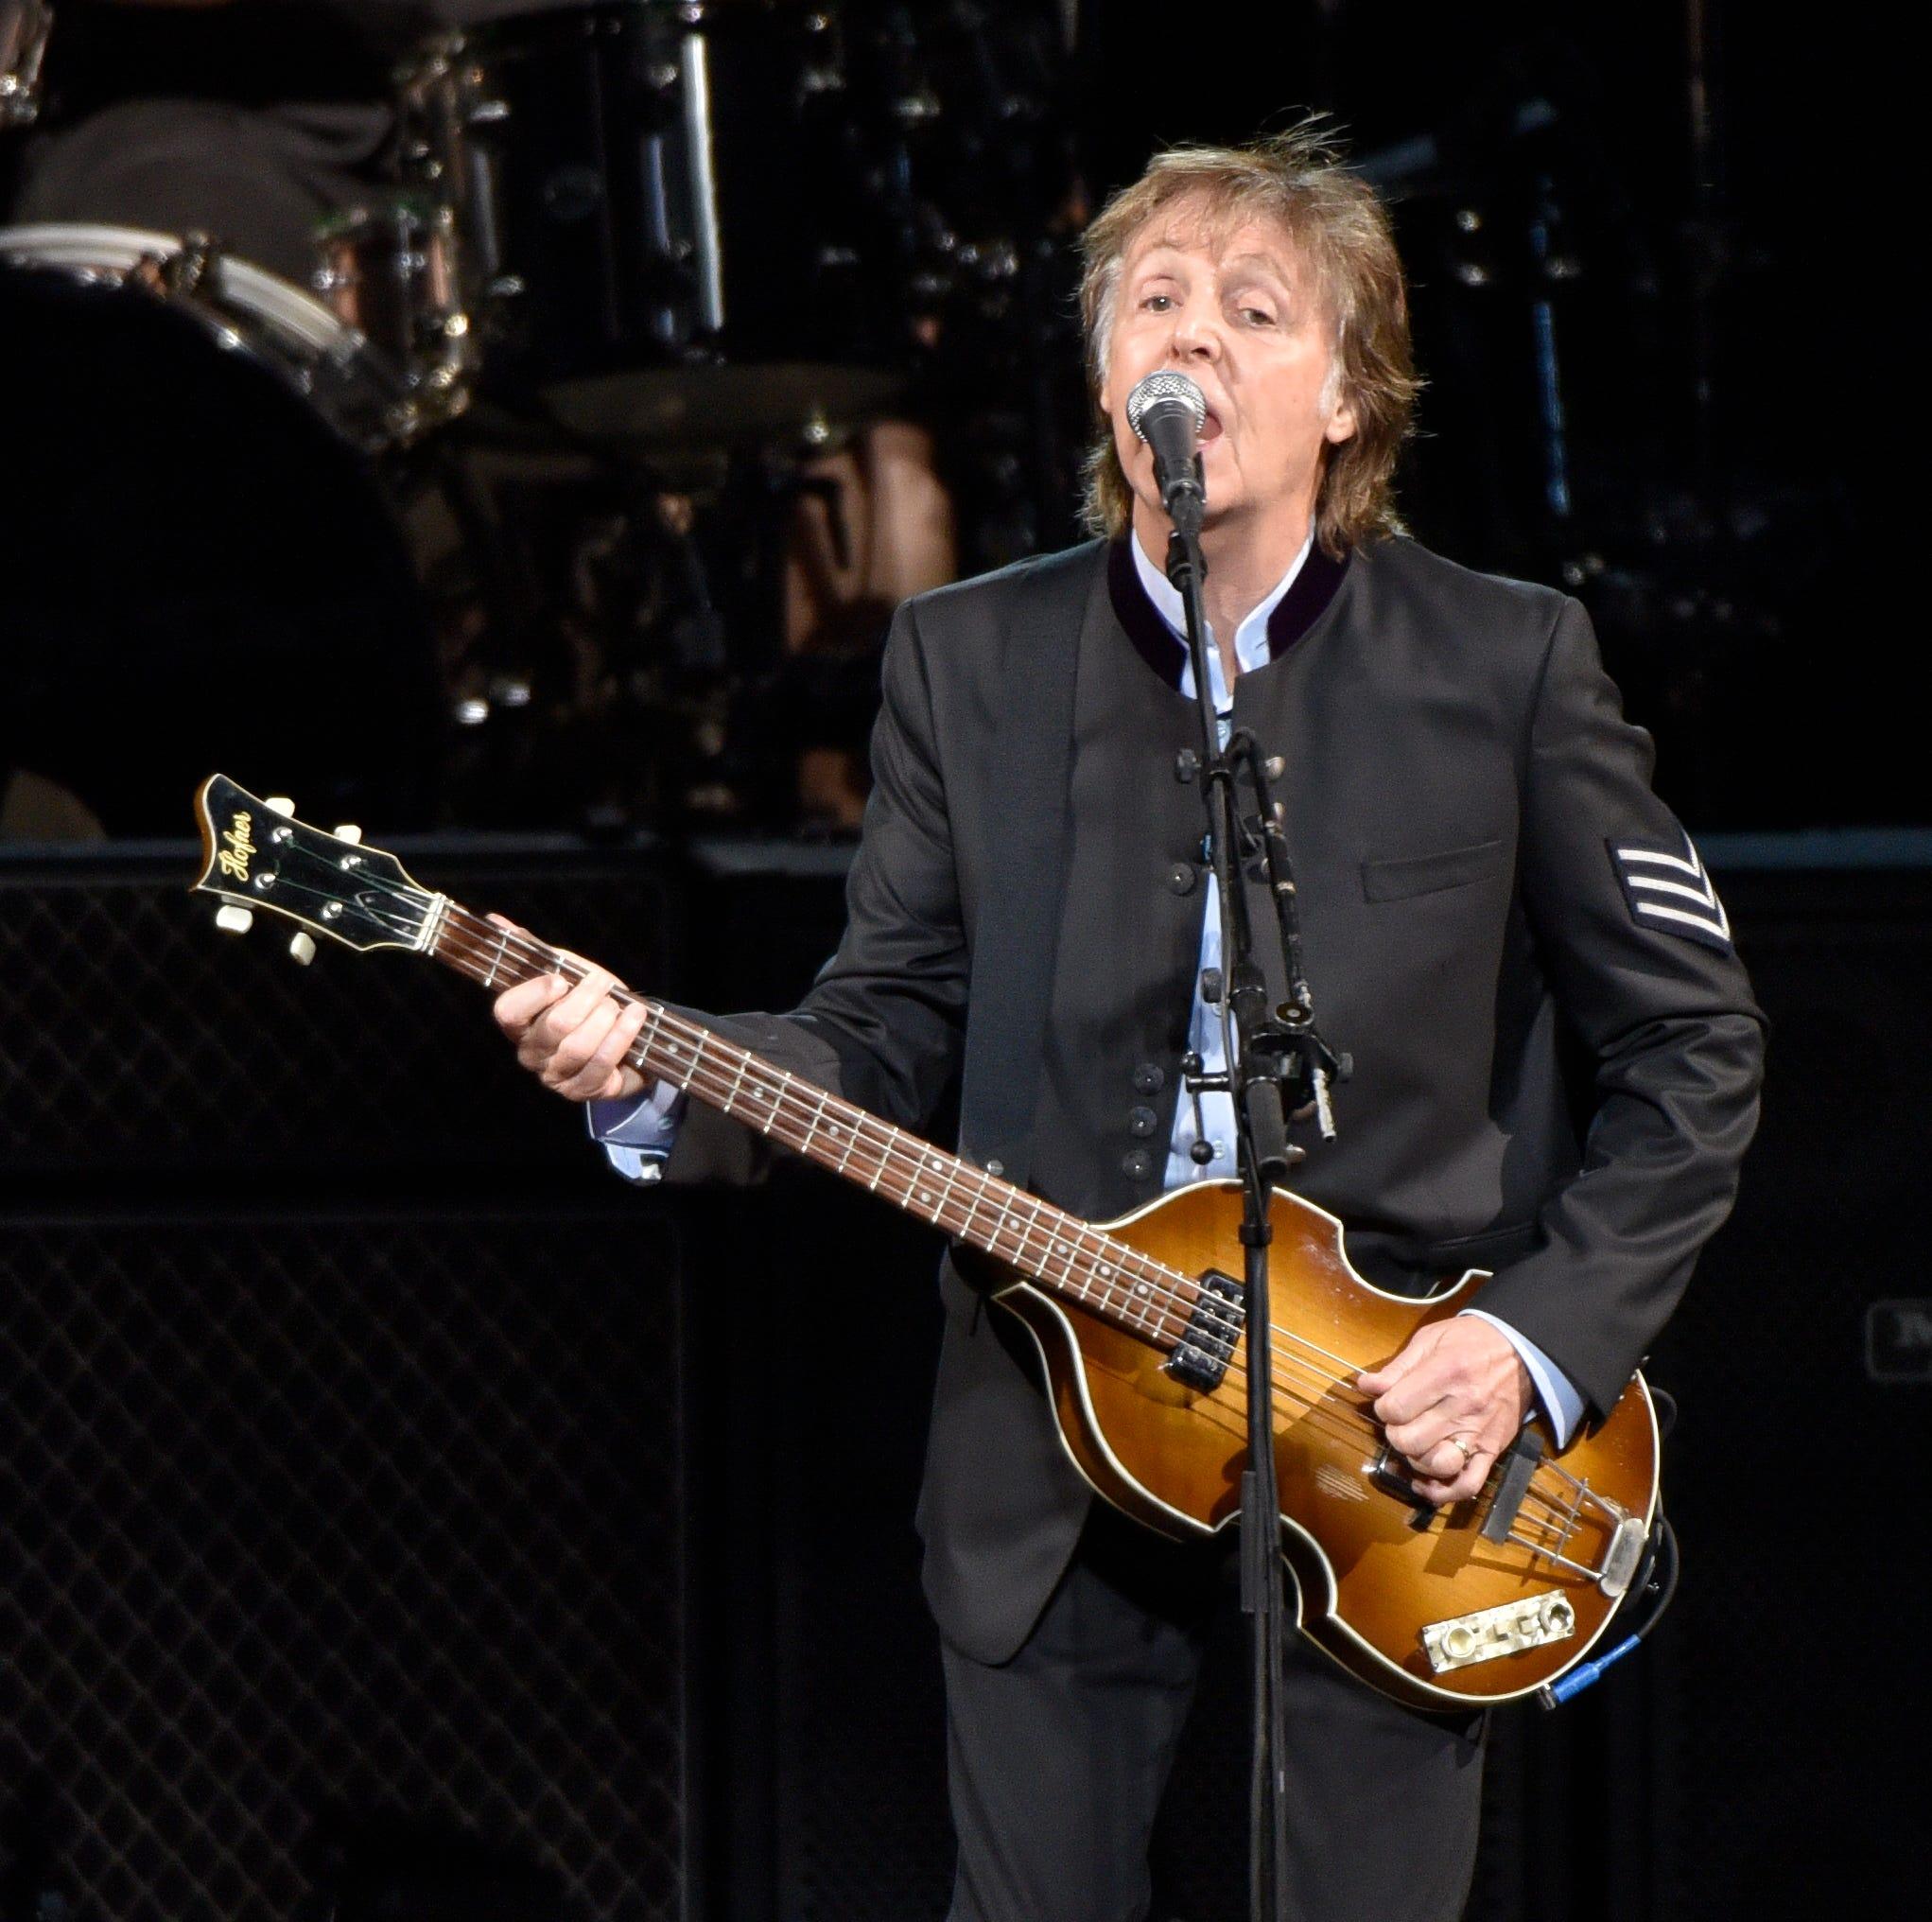 Is Paul McCartney coming to Lambeau Field? Rumor says yes